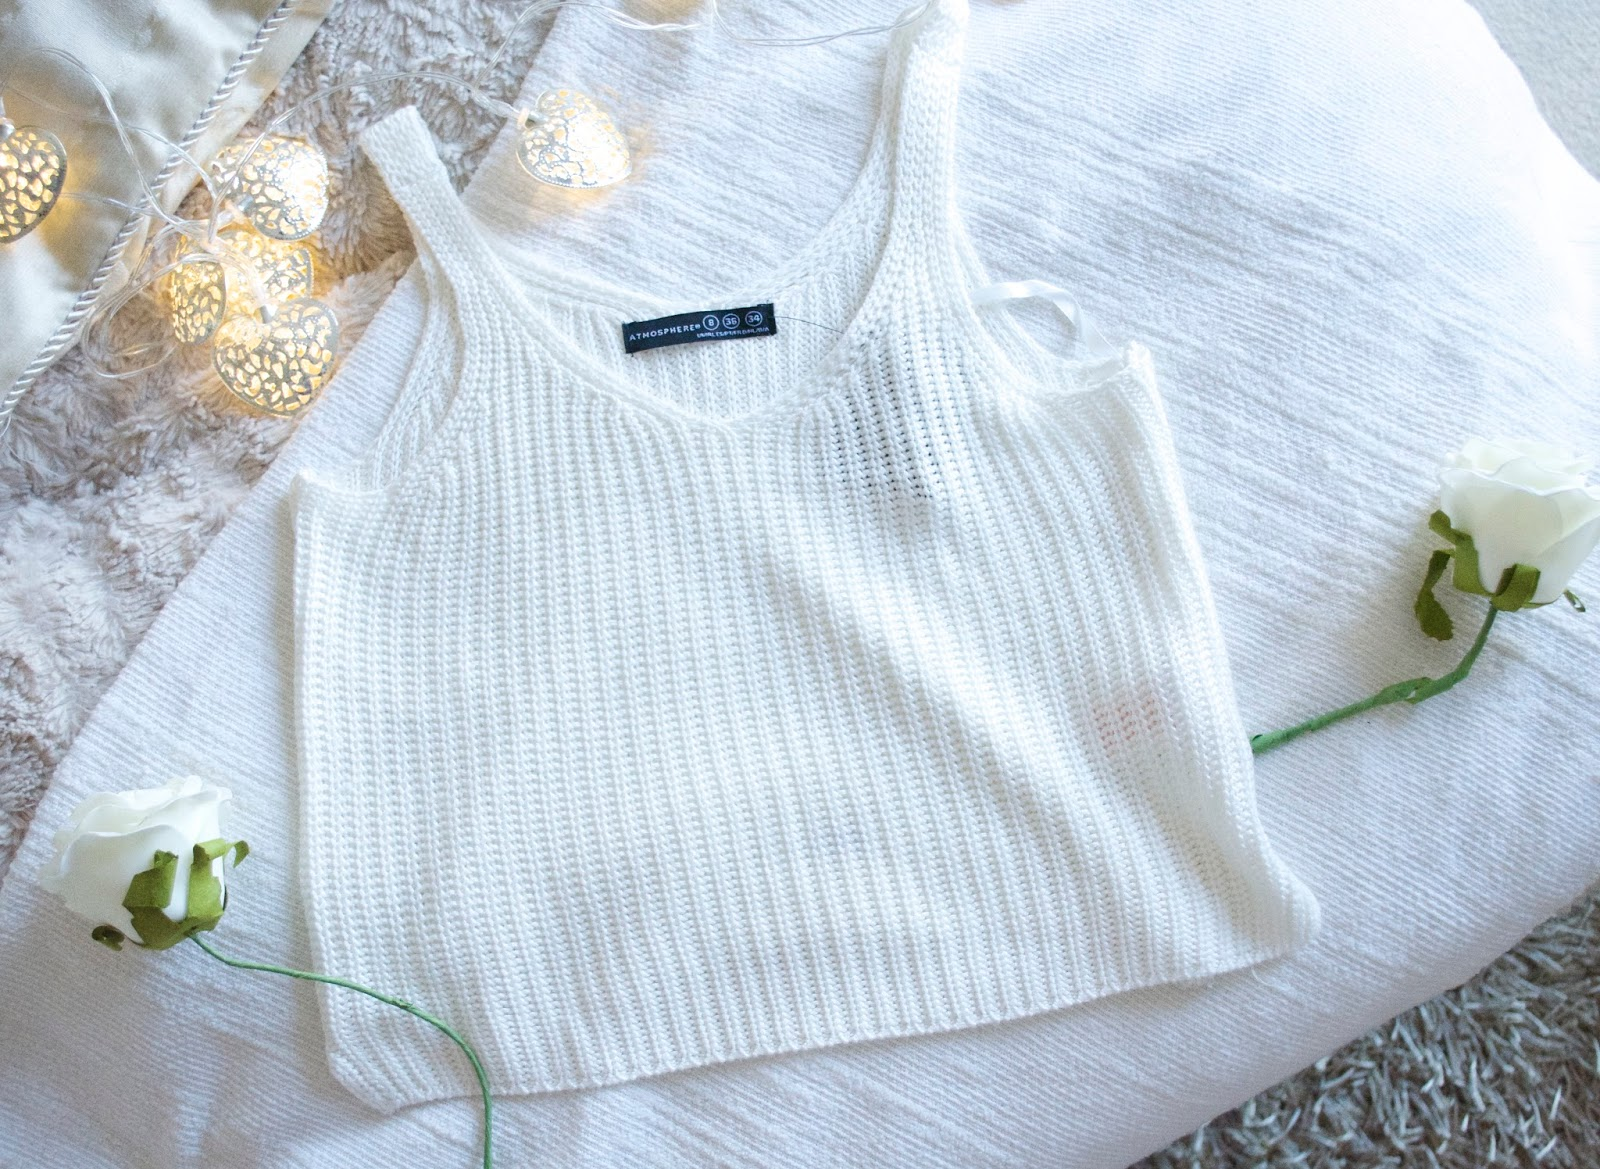 Primark Haul, Primark Knitted Crop Top, Zoella Crop Top, White Crop Top